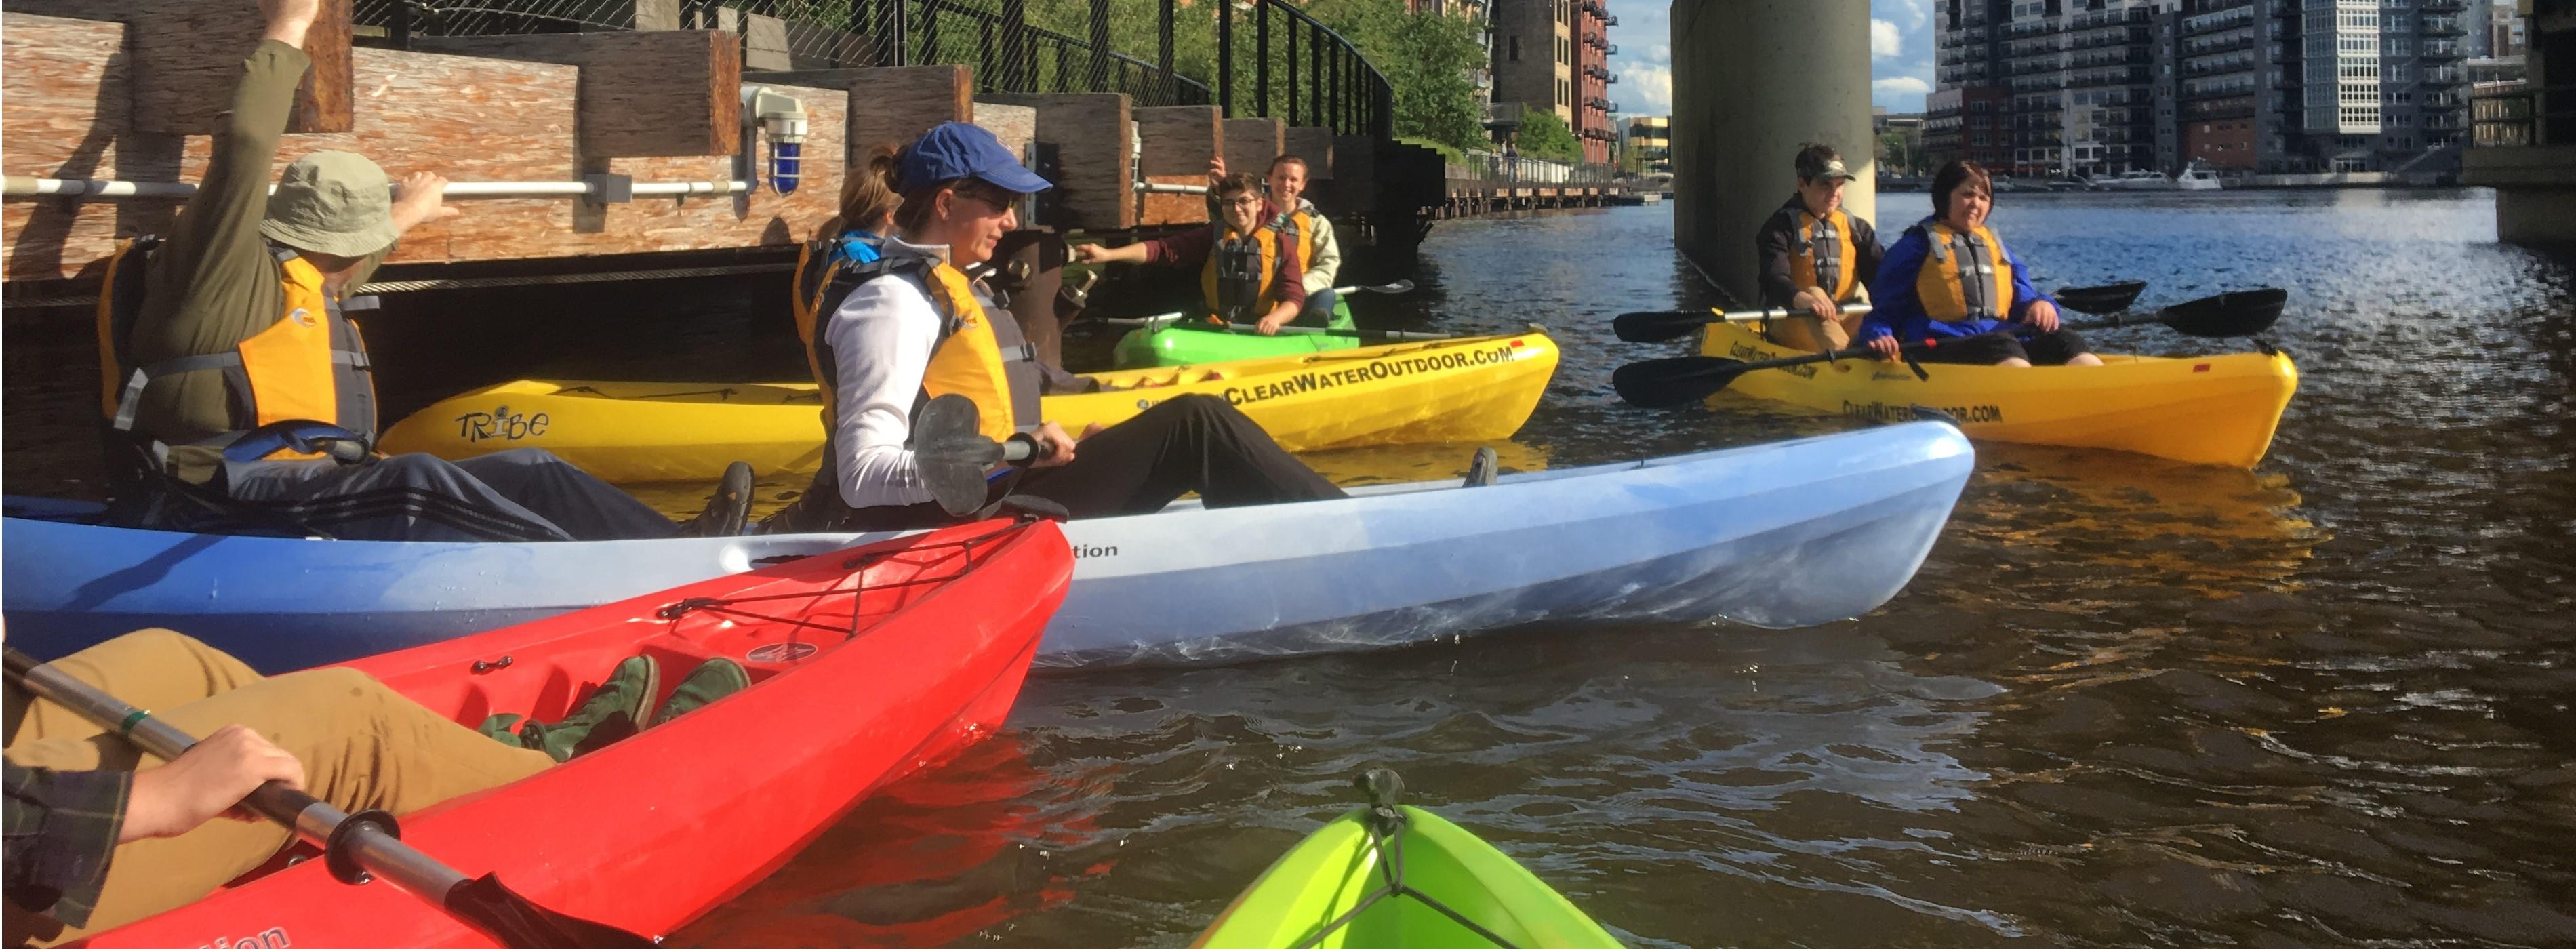 kayaking dating sites